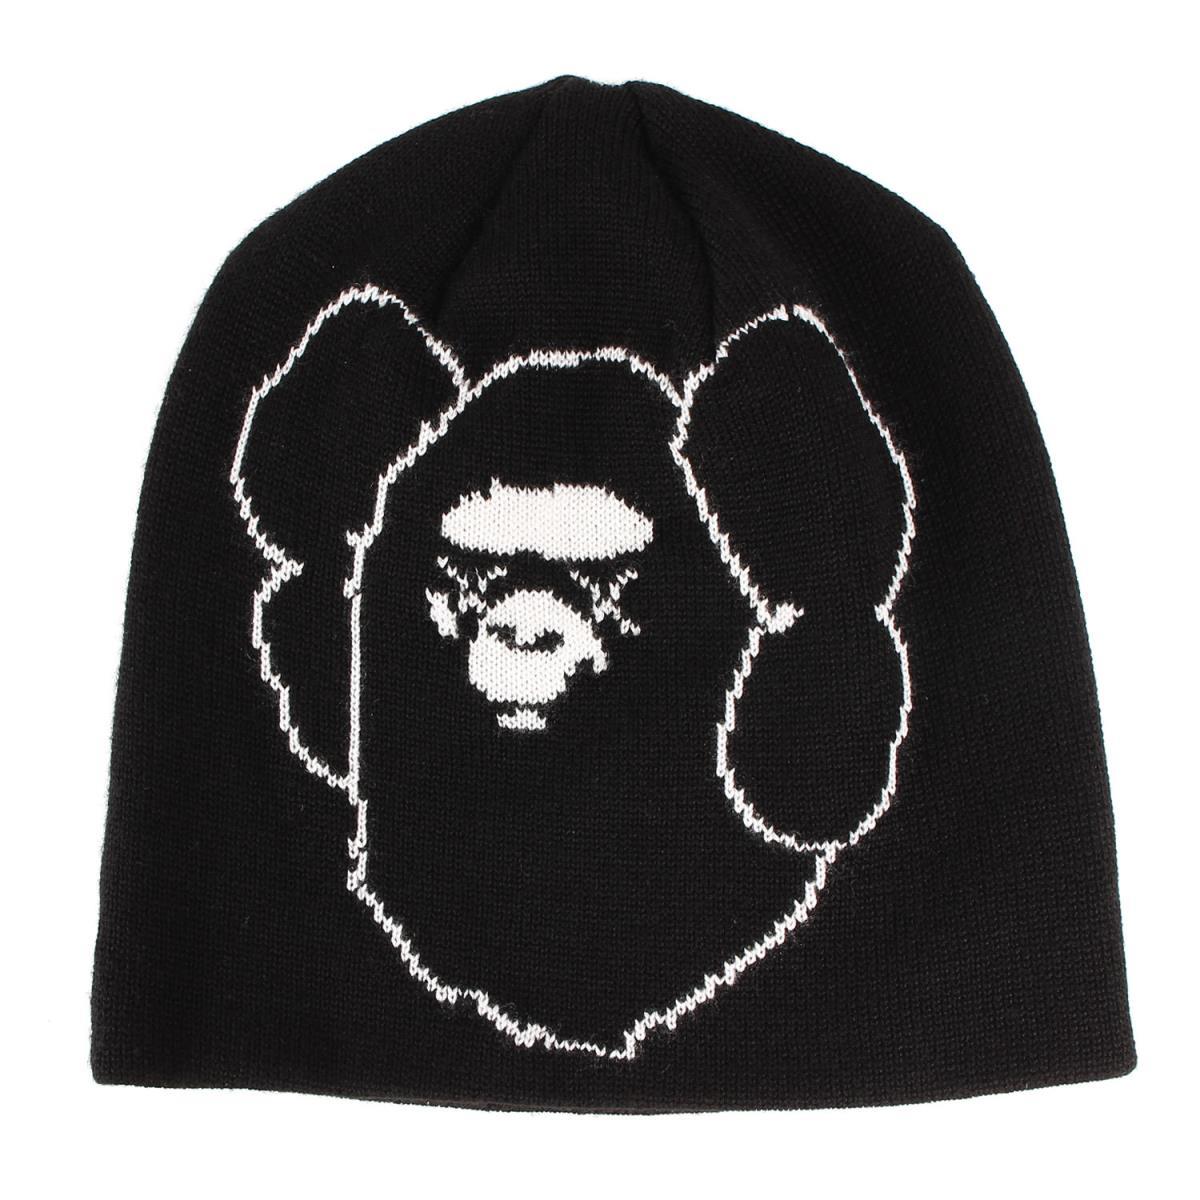 メンズ帽子, ニット帽 APE 00s KAWS K2964